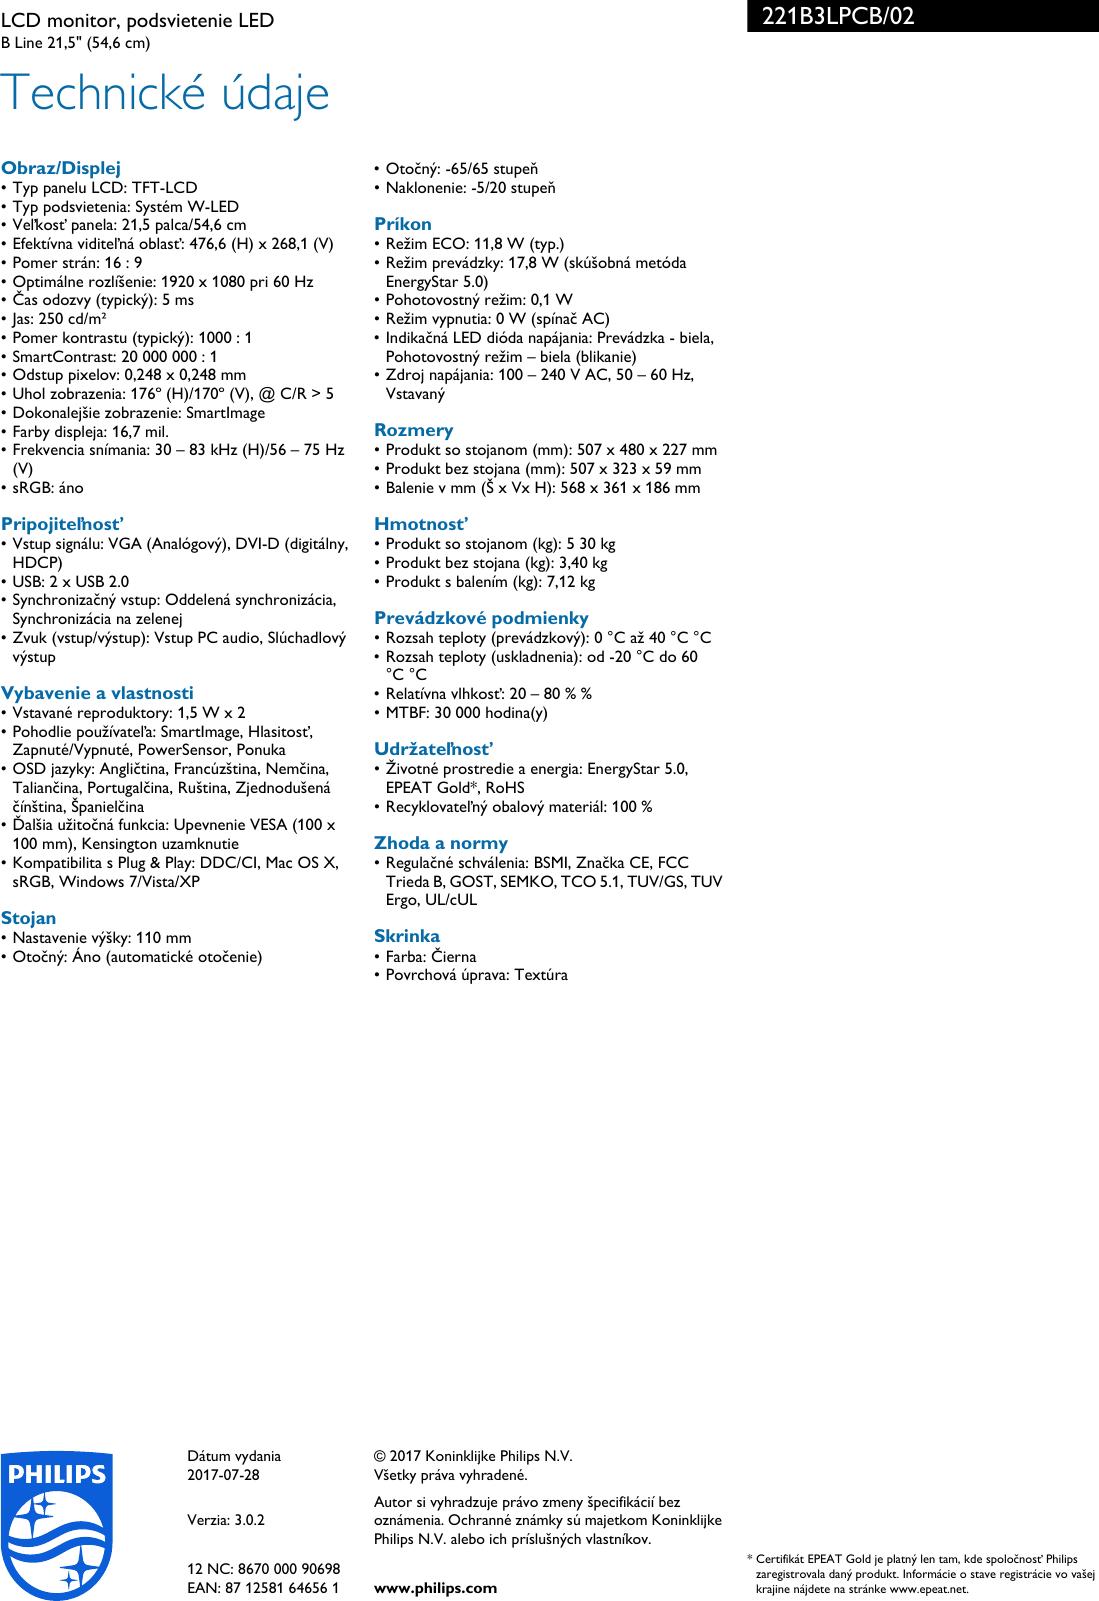 Philips Leaflet 221B3LPCB_02 Released Slovakia (Slovak